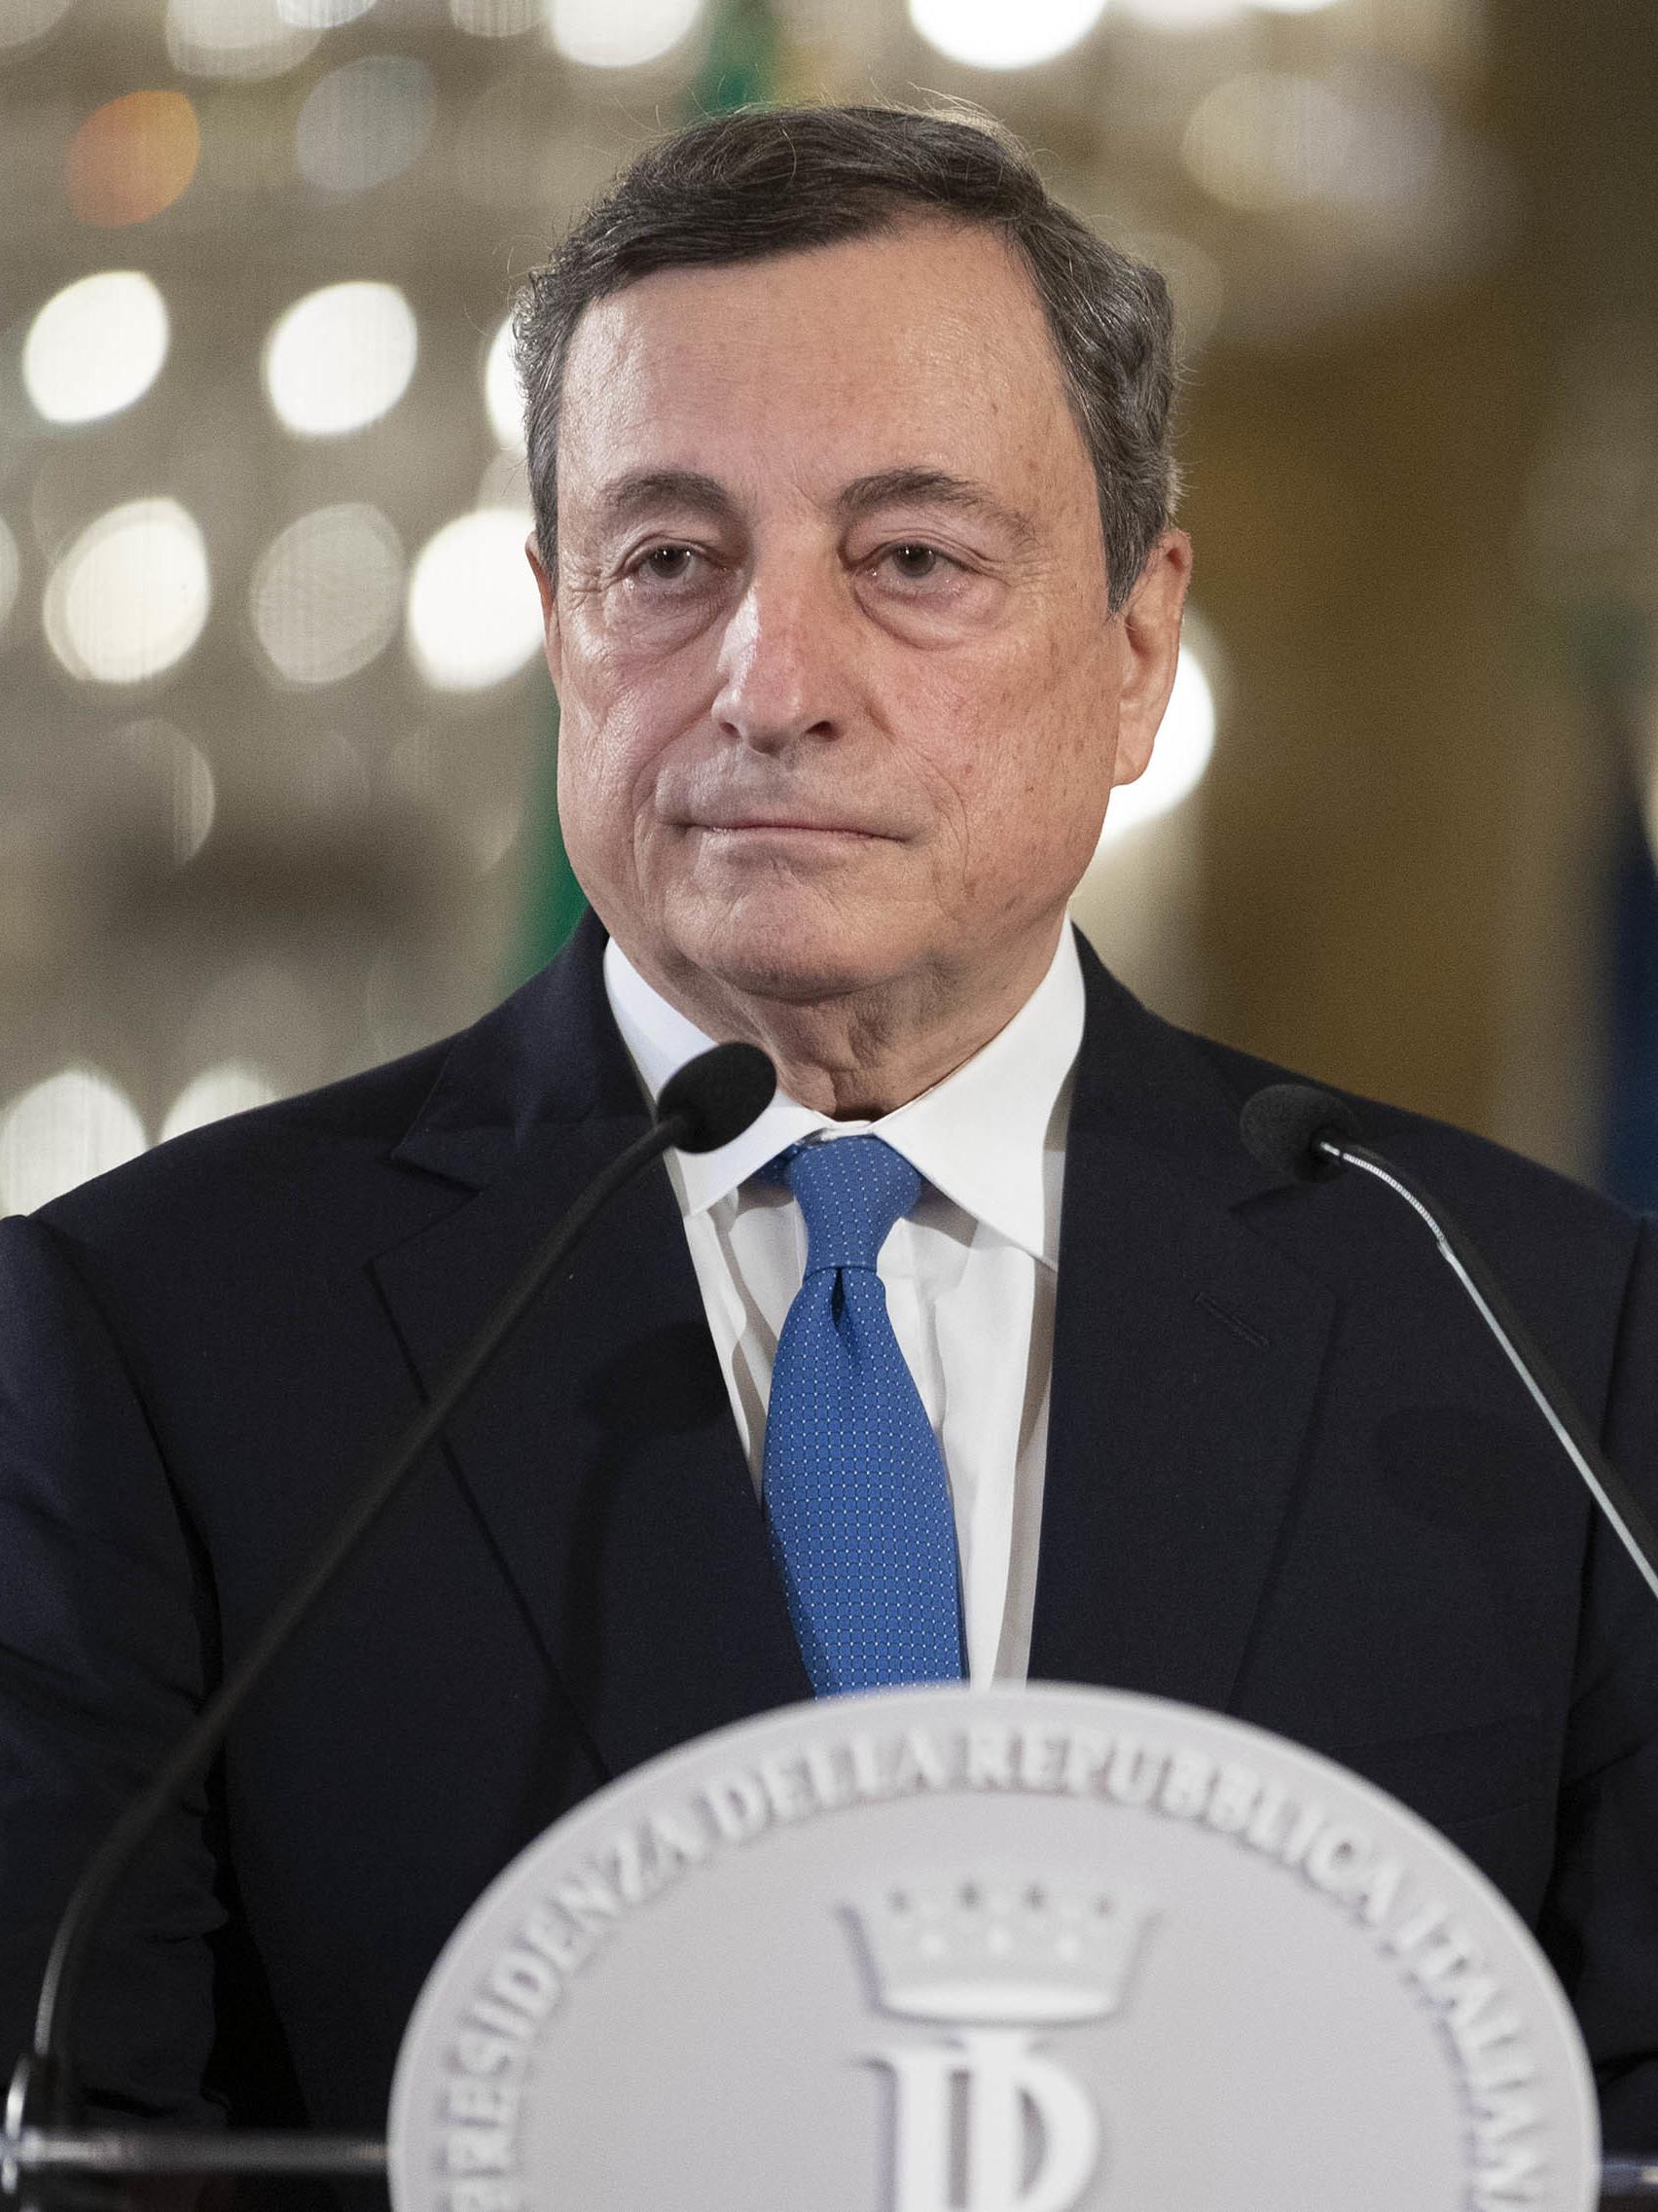 Mario Draghi Presidente del consiglio italiano